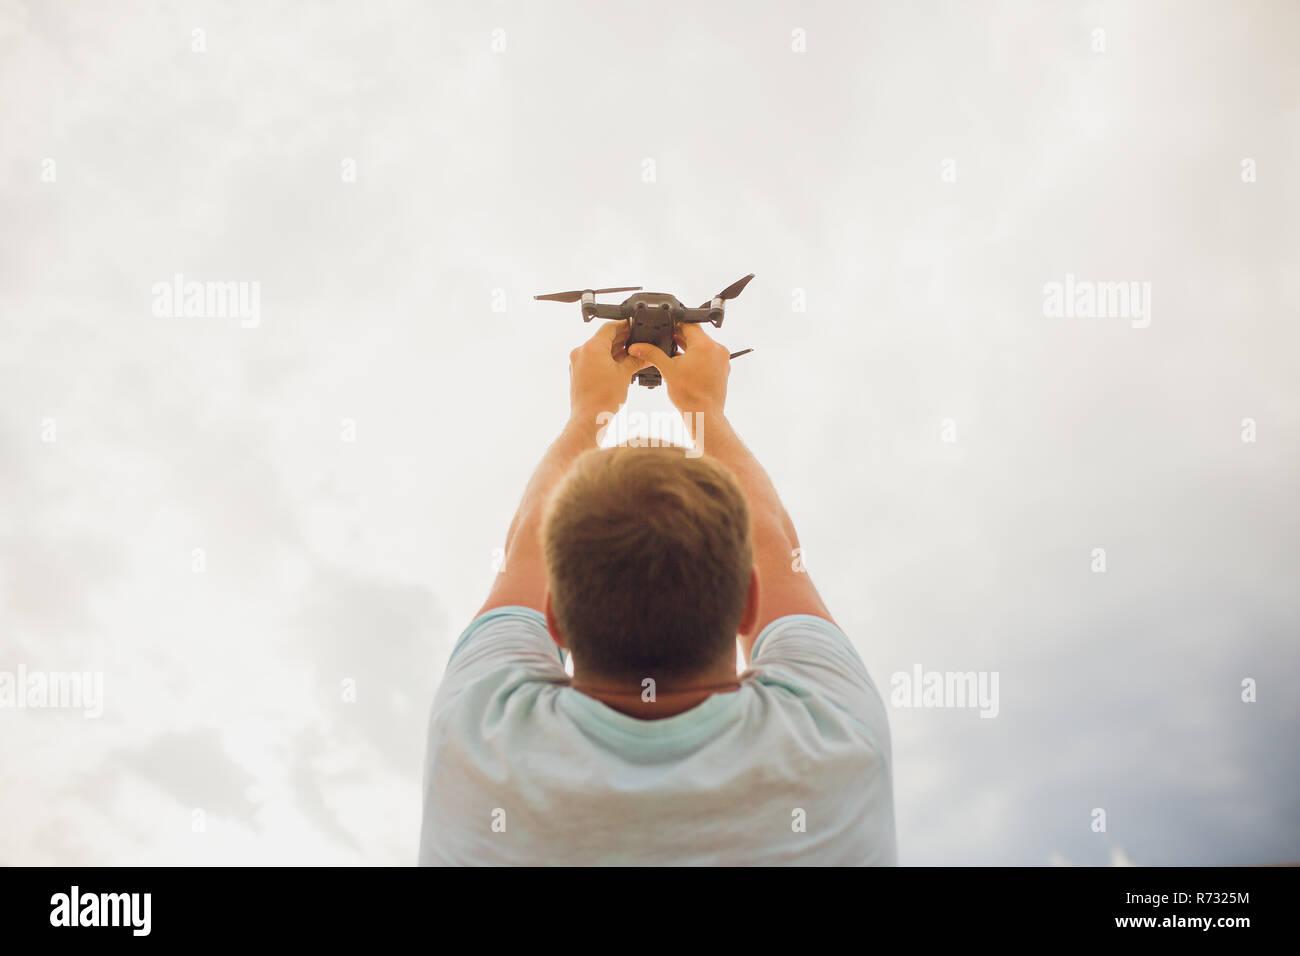 Giovane Azienda drone prima del volo in natura. Pretty guy preparare per il pilota quadrocopter outdoor sollevato Immagini Stock